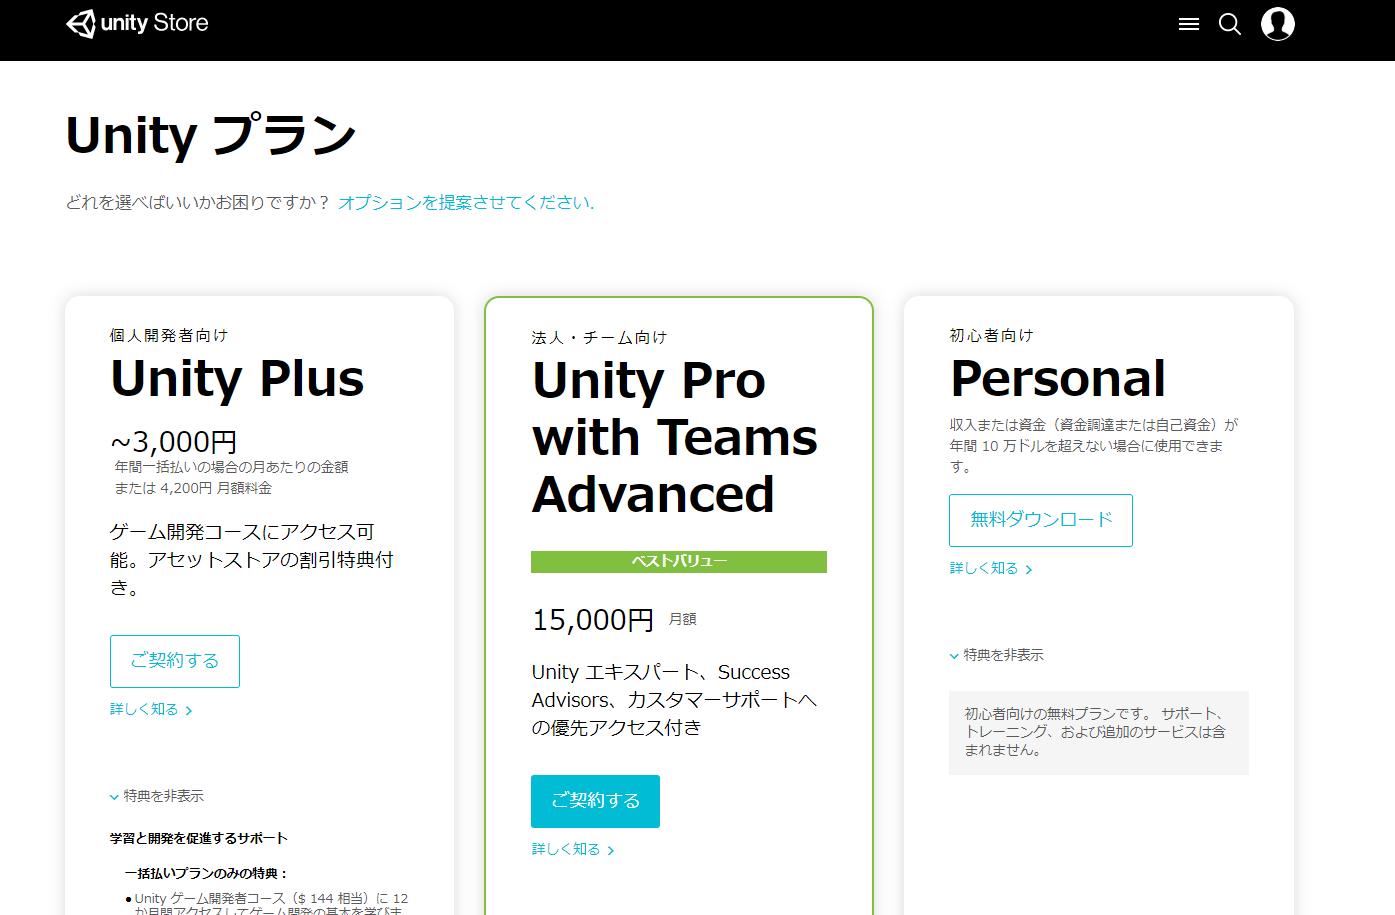 Unityダウンロード画面.PNG